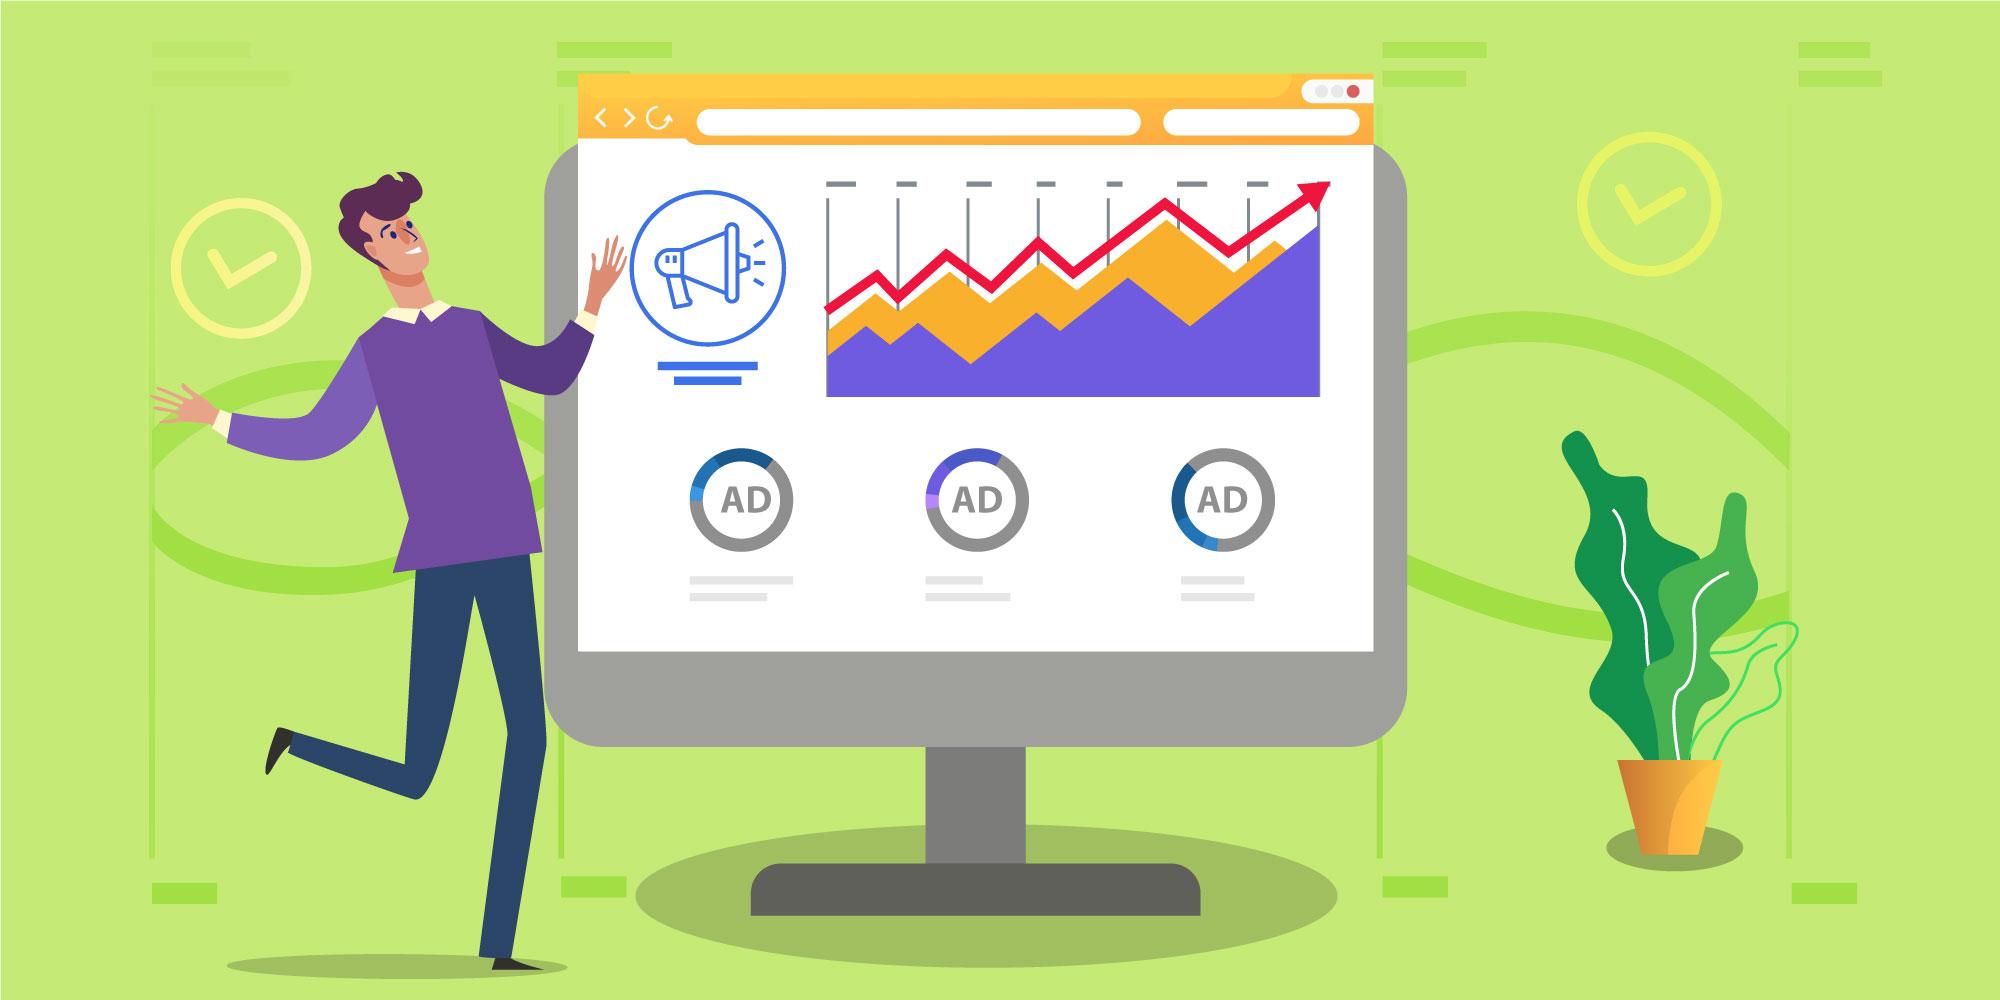 راه های افزایش نمایش تبلیغ در شبکه تبلیغاتی